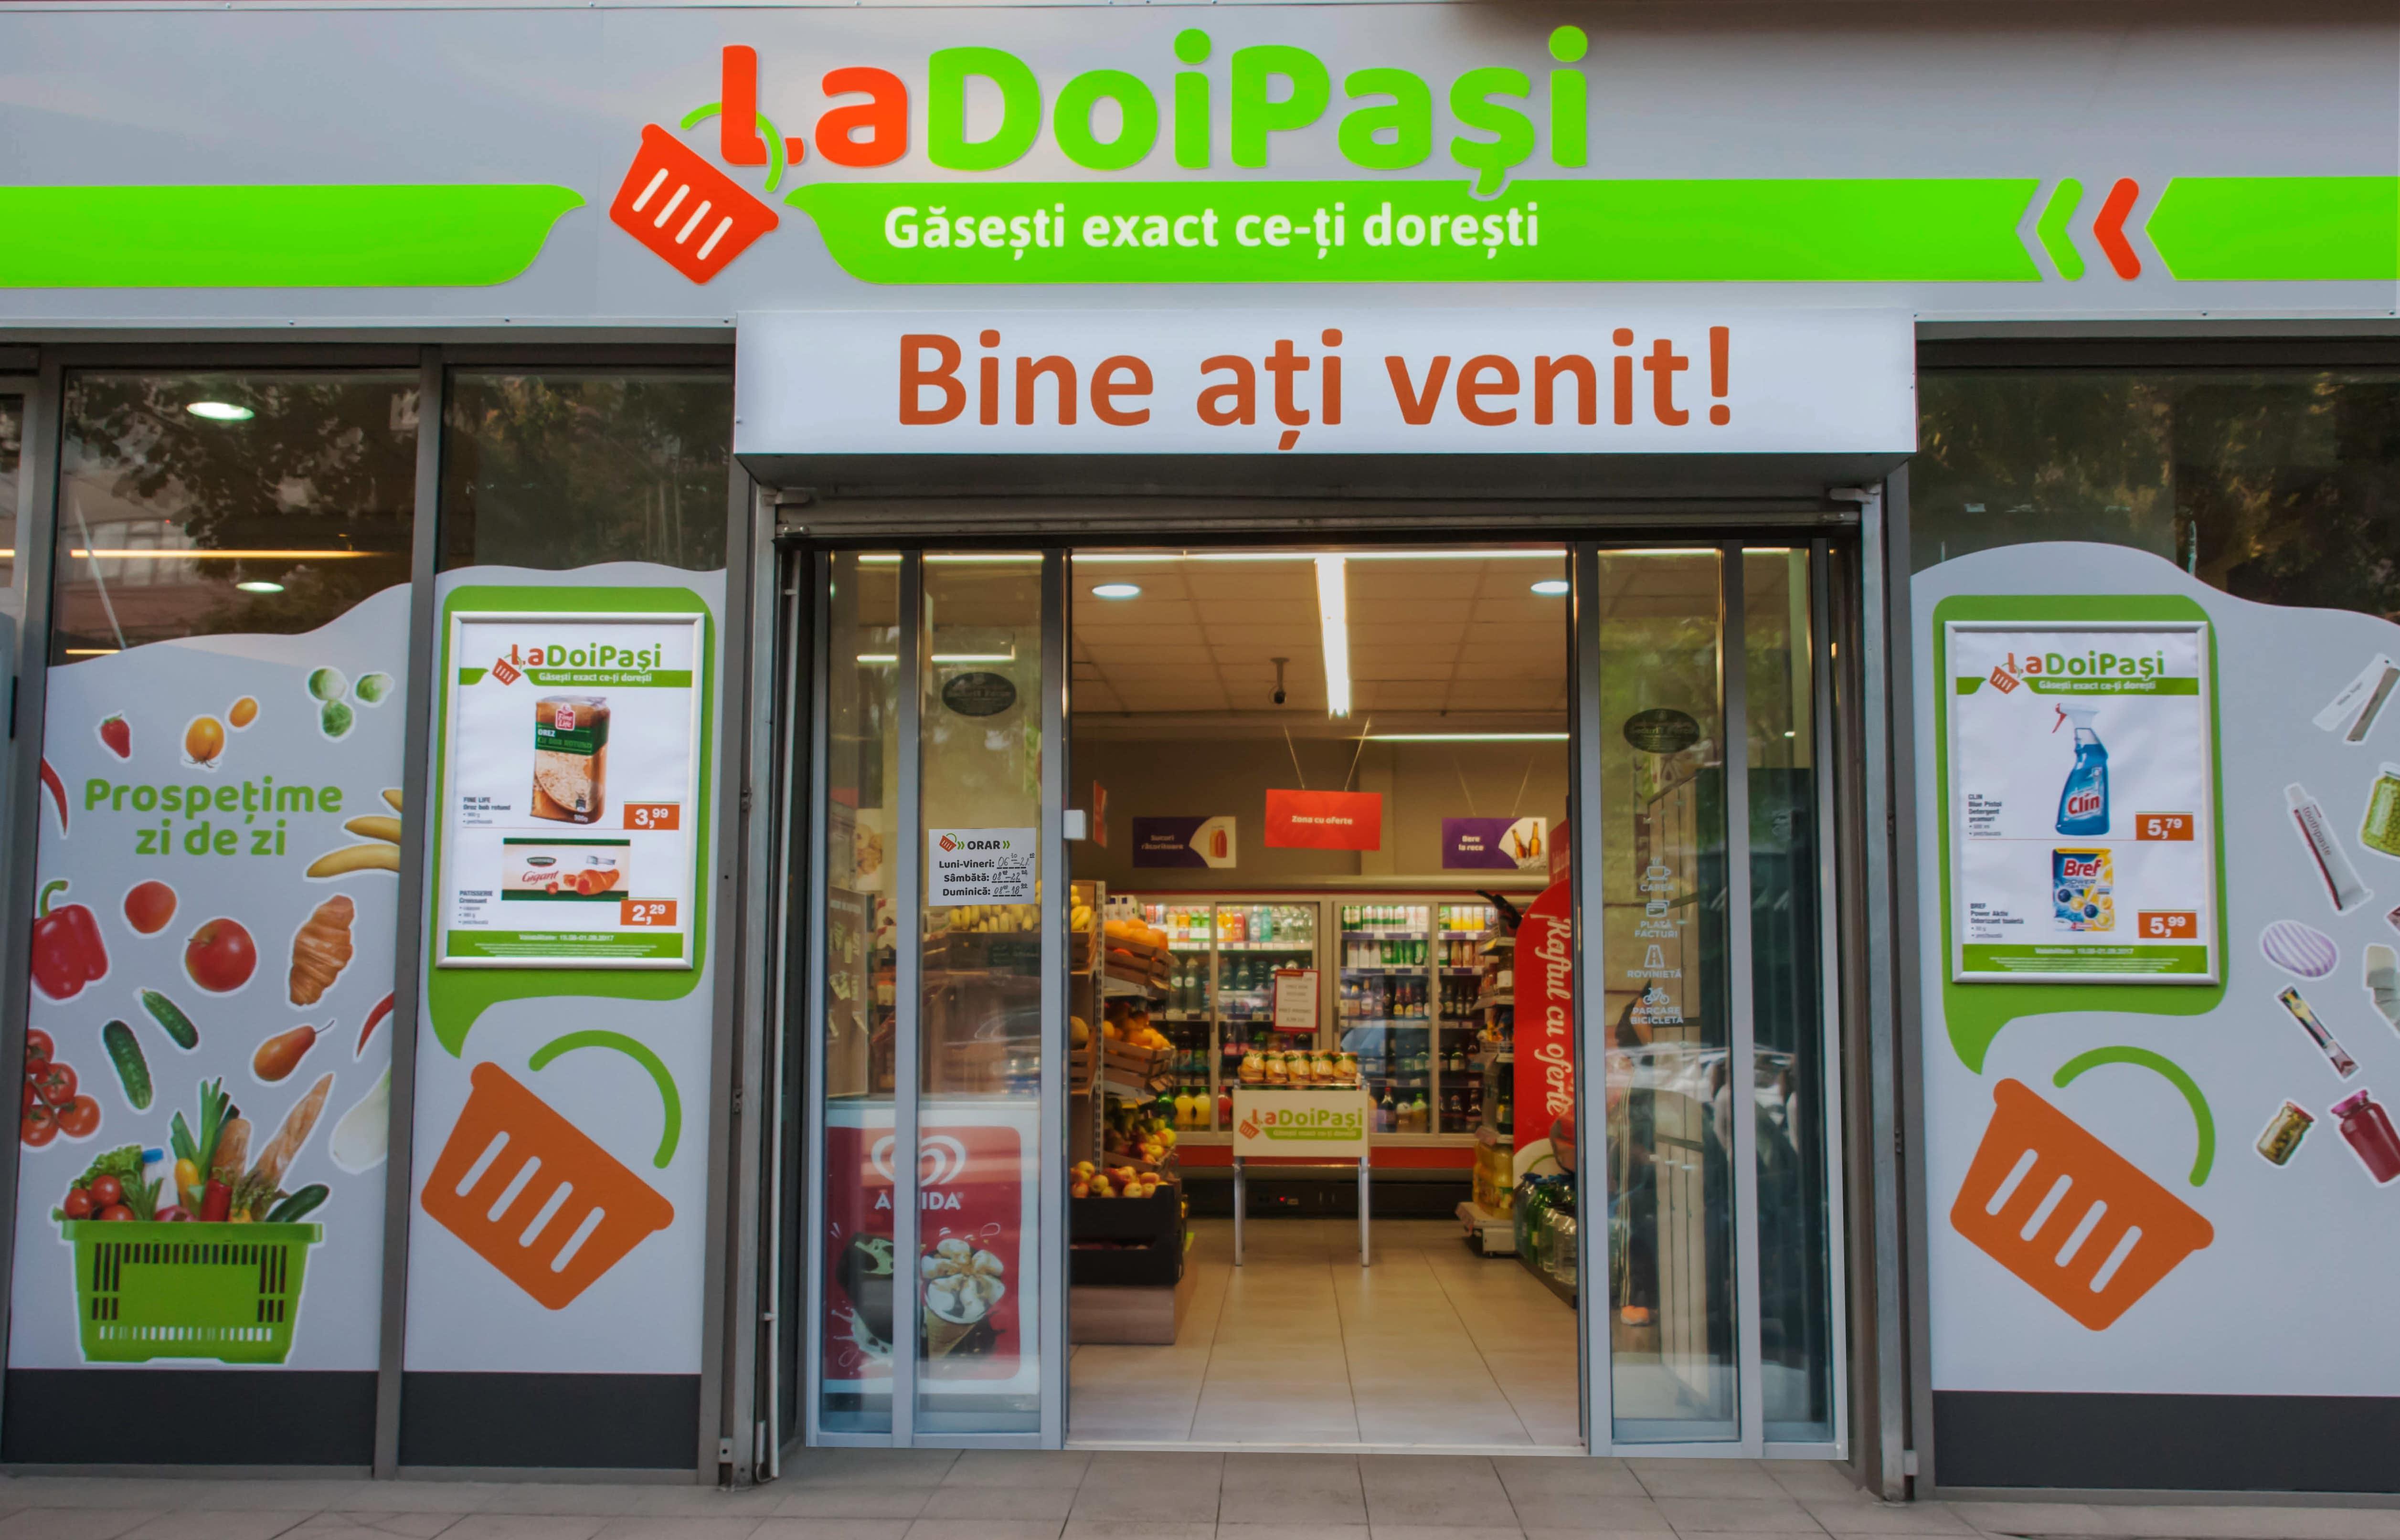 LaDoiPaşi, franciza Metro Cash & Carry în retailul de proximitate, a atins pragul de 1.000 de unităţi la nivel naţional şi ţinteşte dublarea numărului de magazine până în 2023